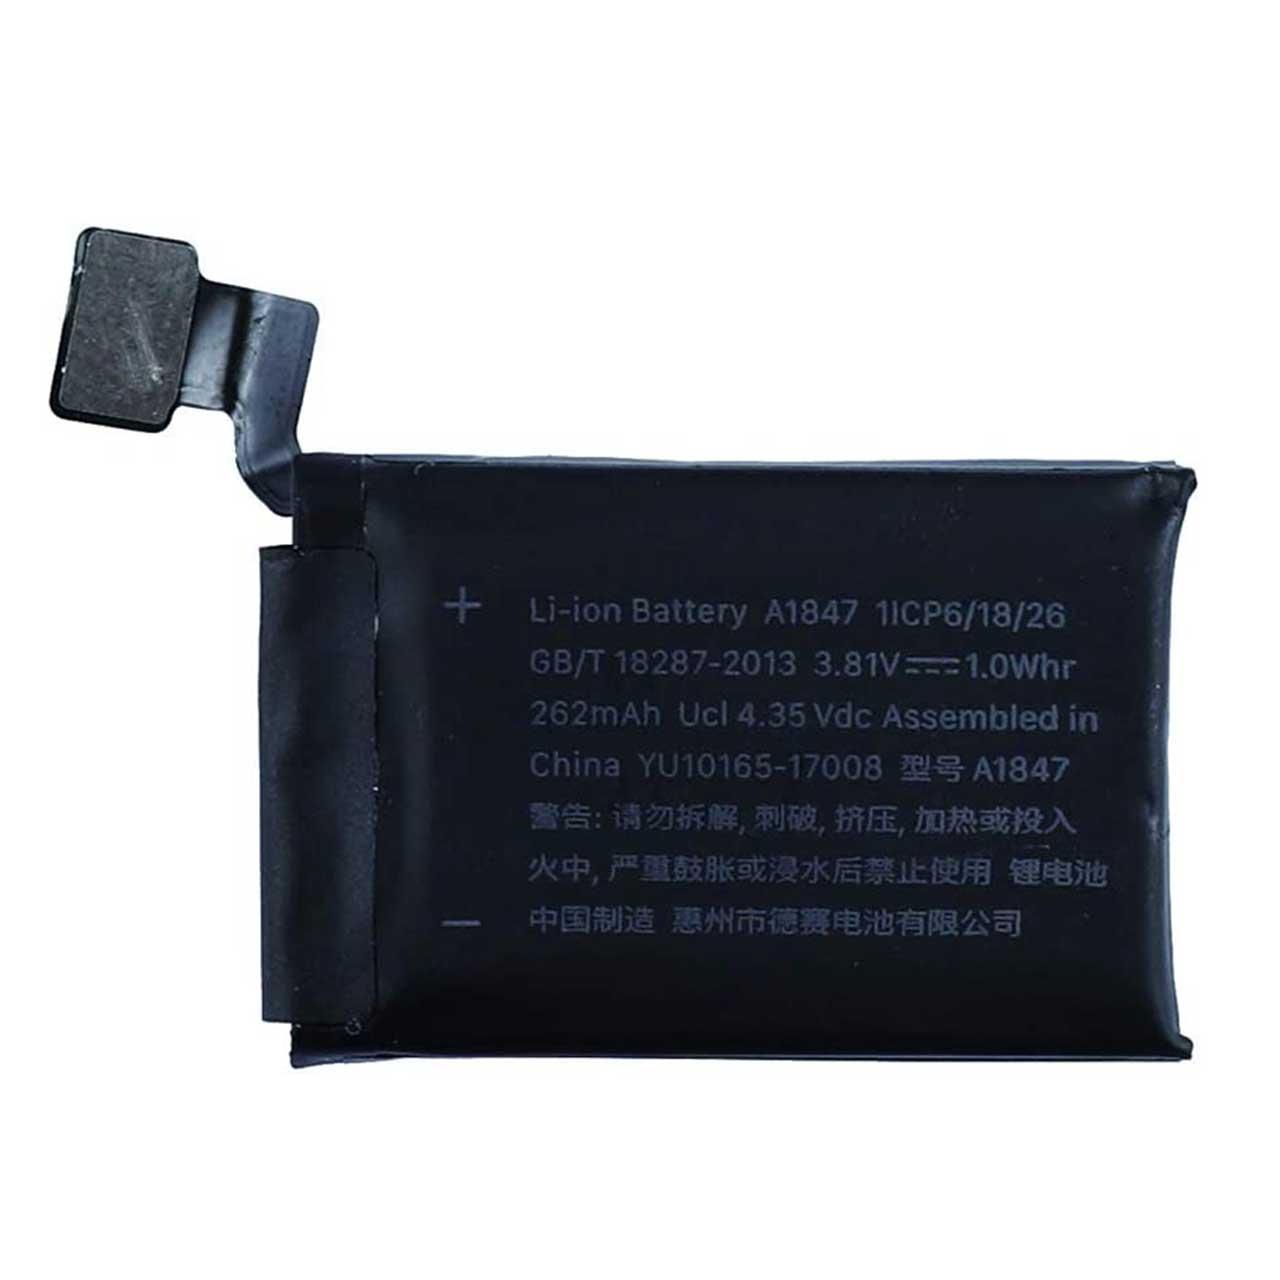 باتری مدل A1847 ظرفیت 262 میلی آمپر ساعت مناسب برای اپل واچ 38 میلی متری